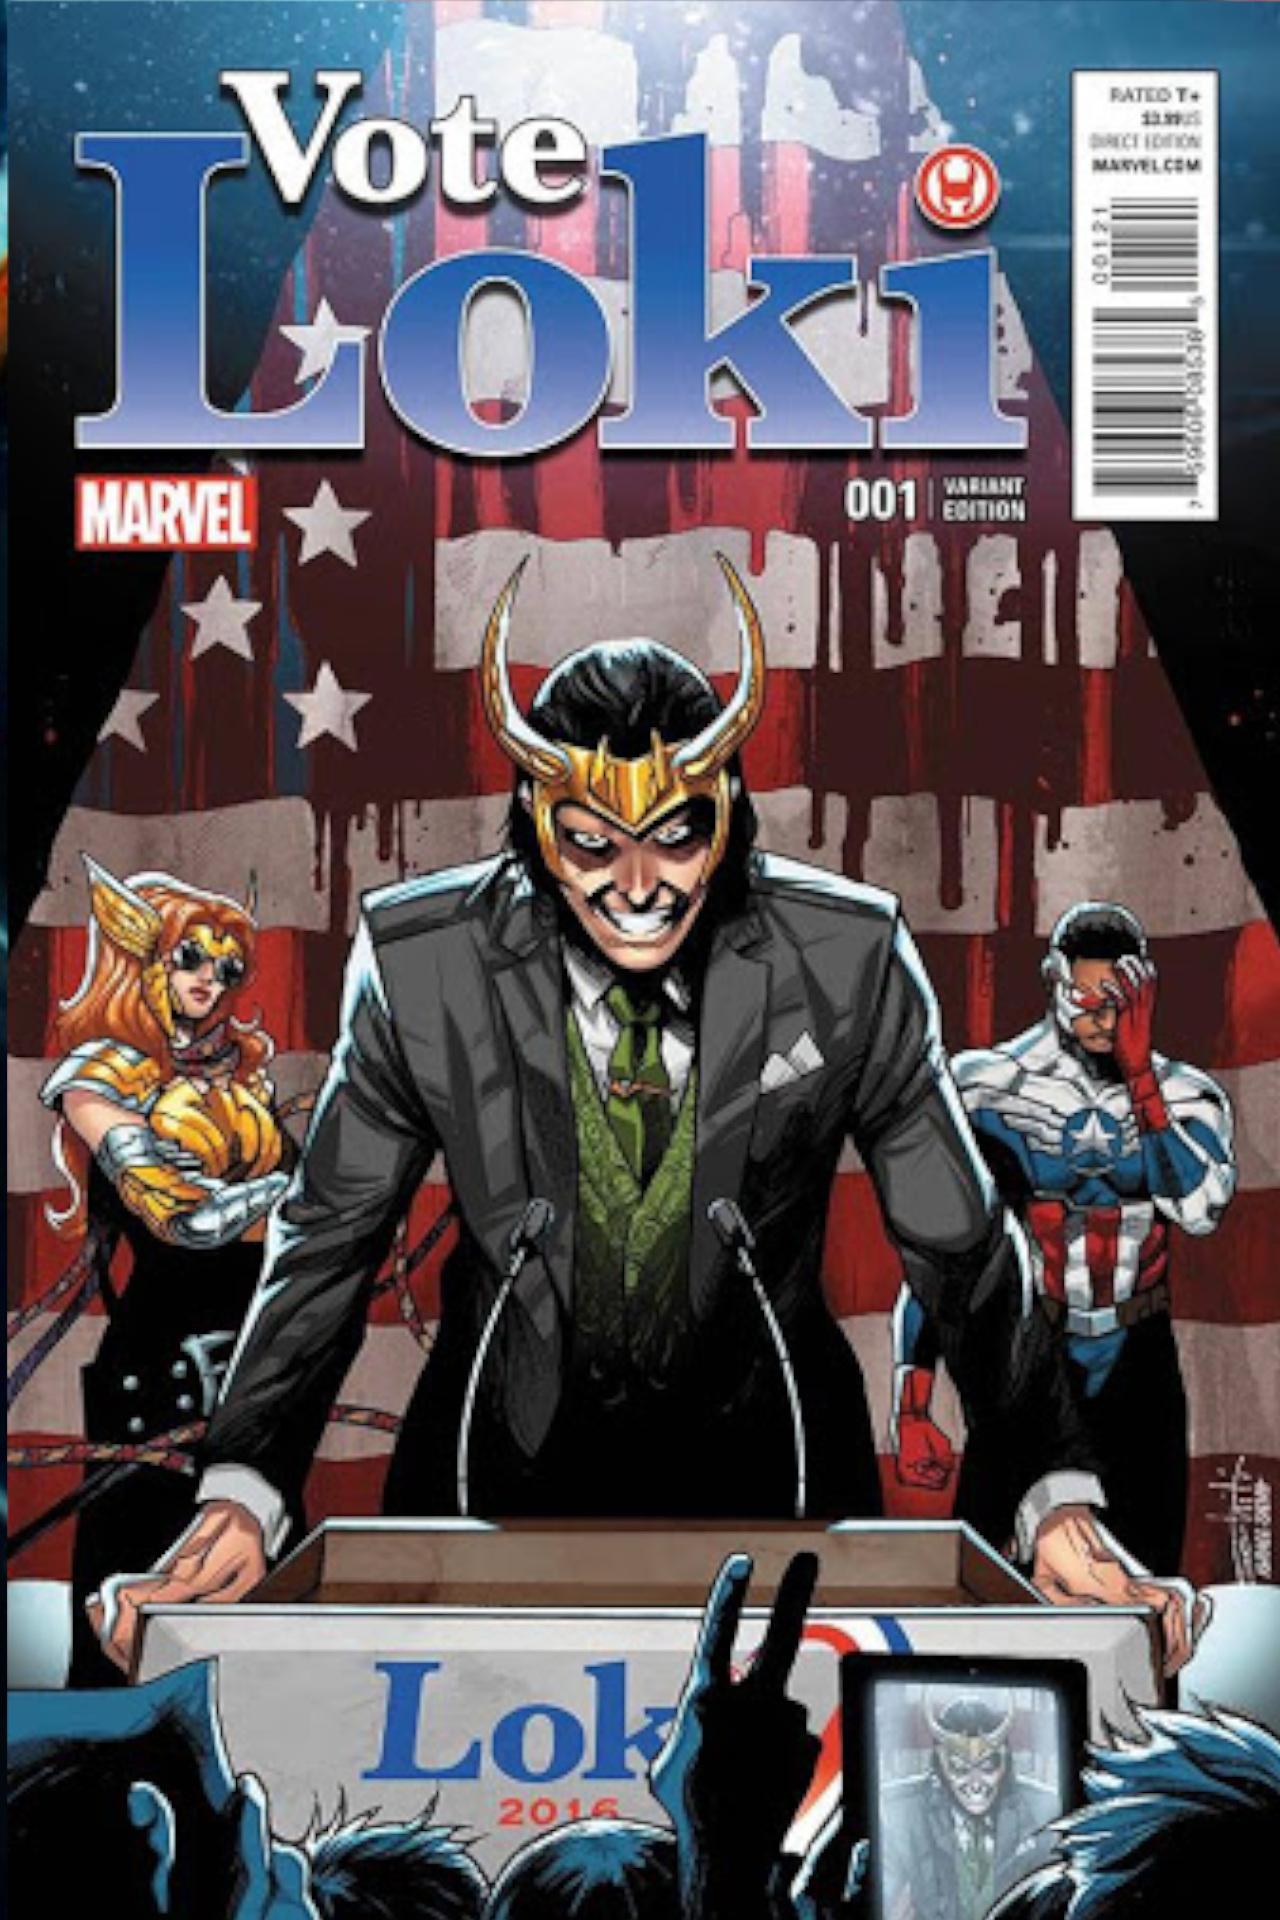 Loki ganhou seu primeiro trailer e a série do Disney Plus mostrará as consequências da fuga do Deus após Vingadores Ultimato, além de referências à HQ Vote Loki.